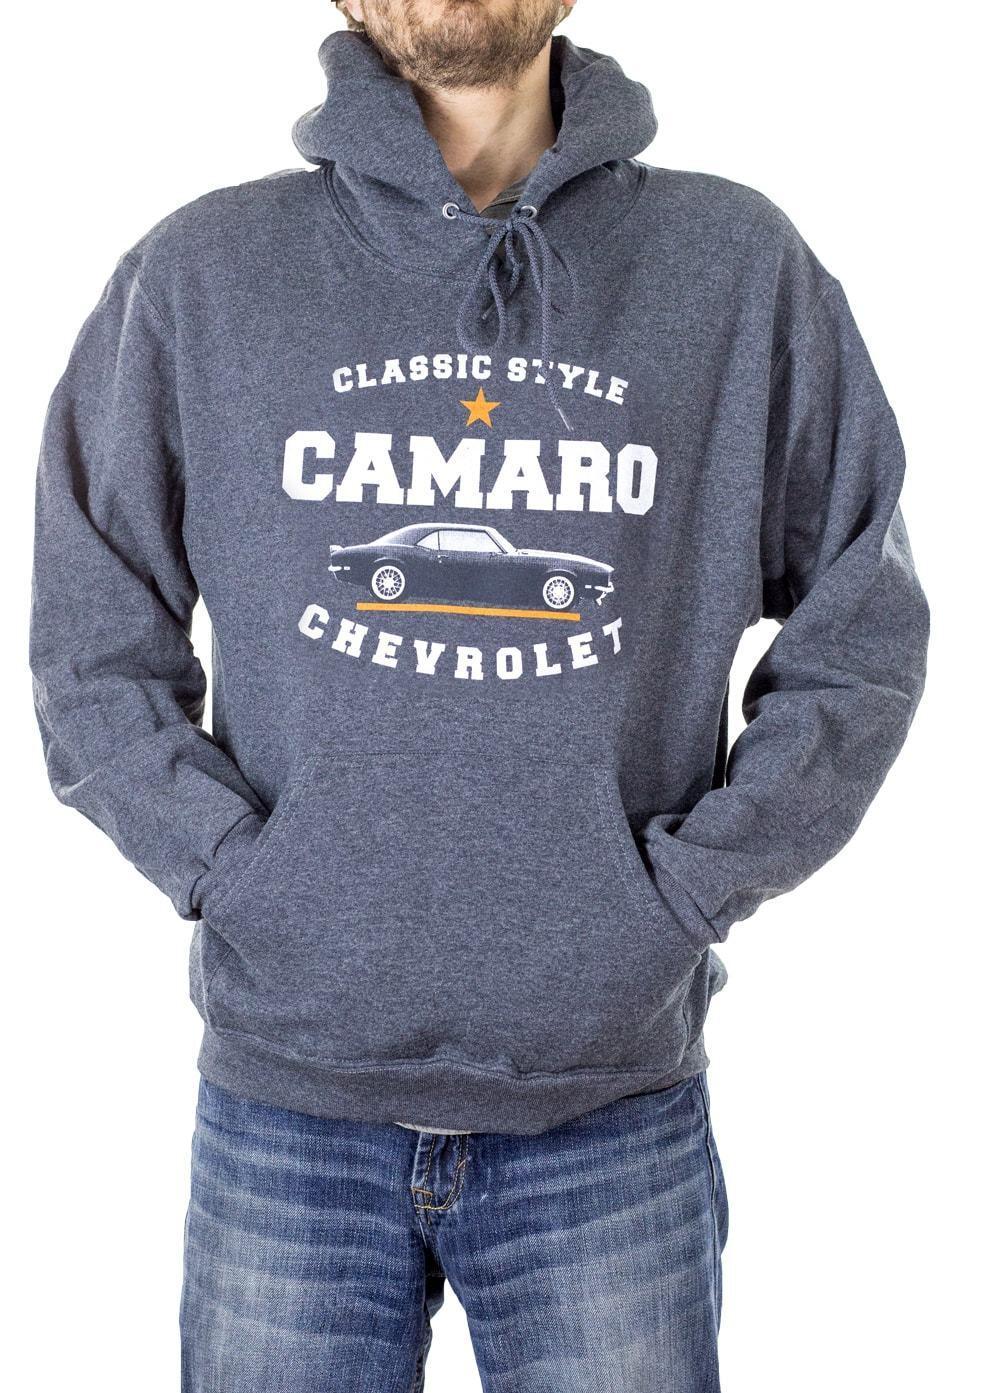 Camaro Classic Style Graphic Hoodie Sweatshirt